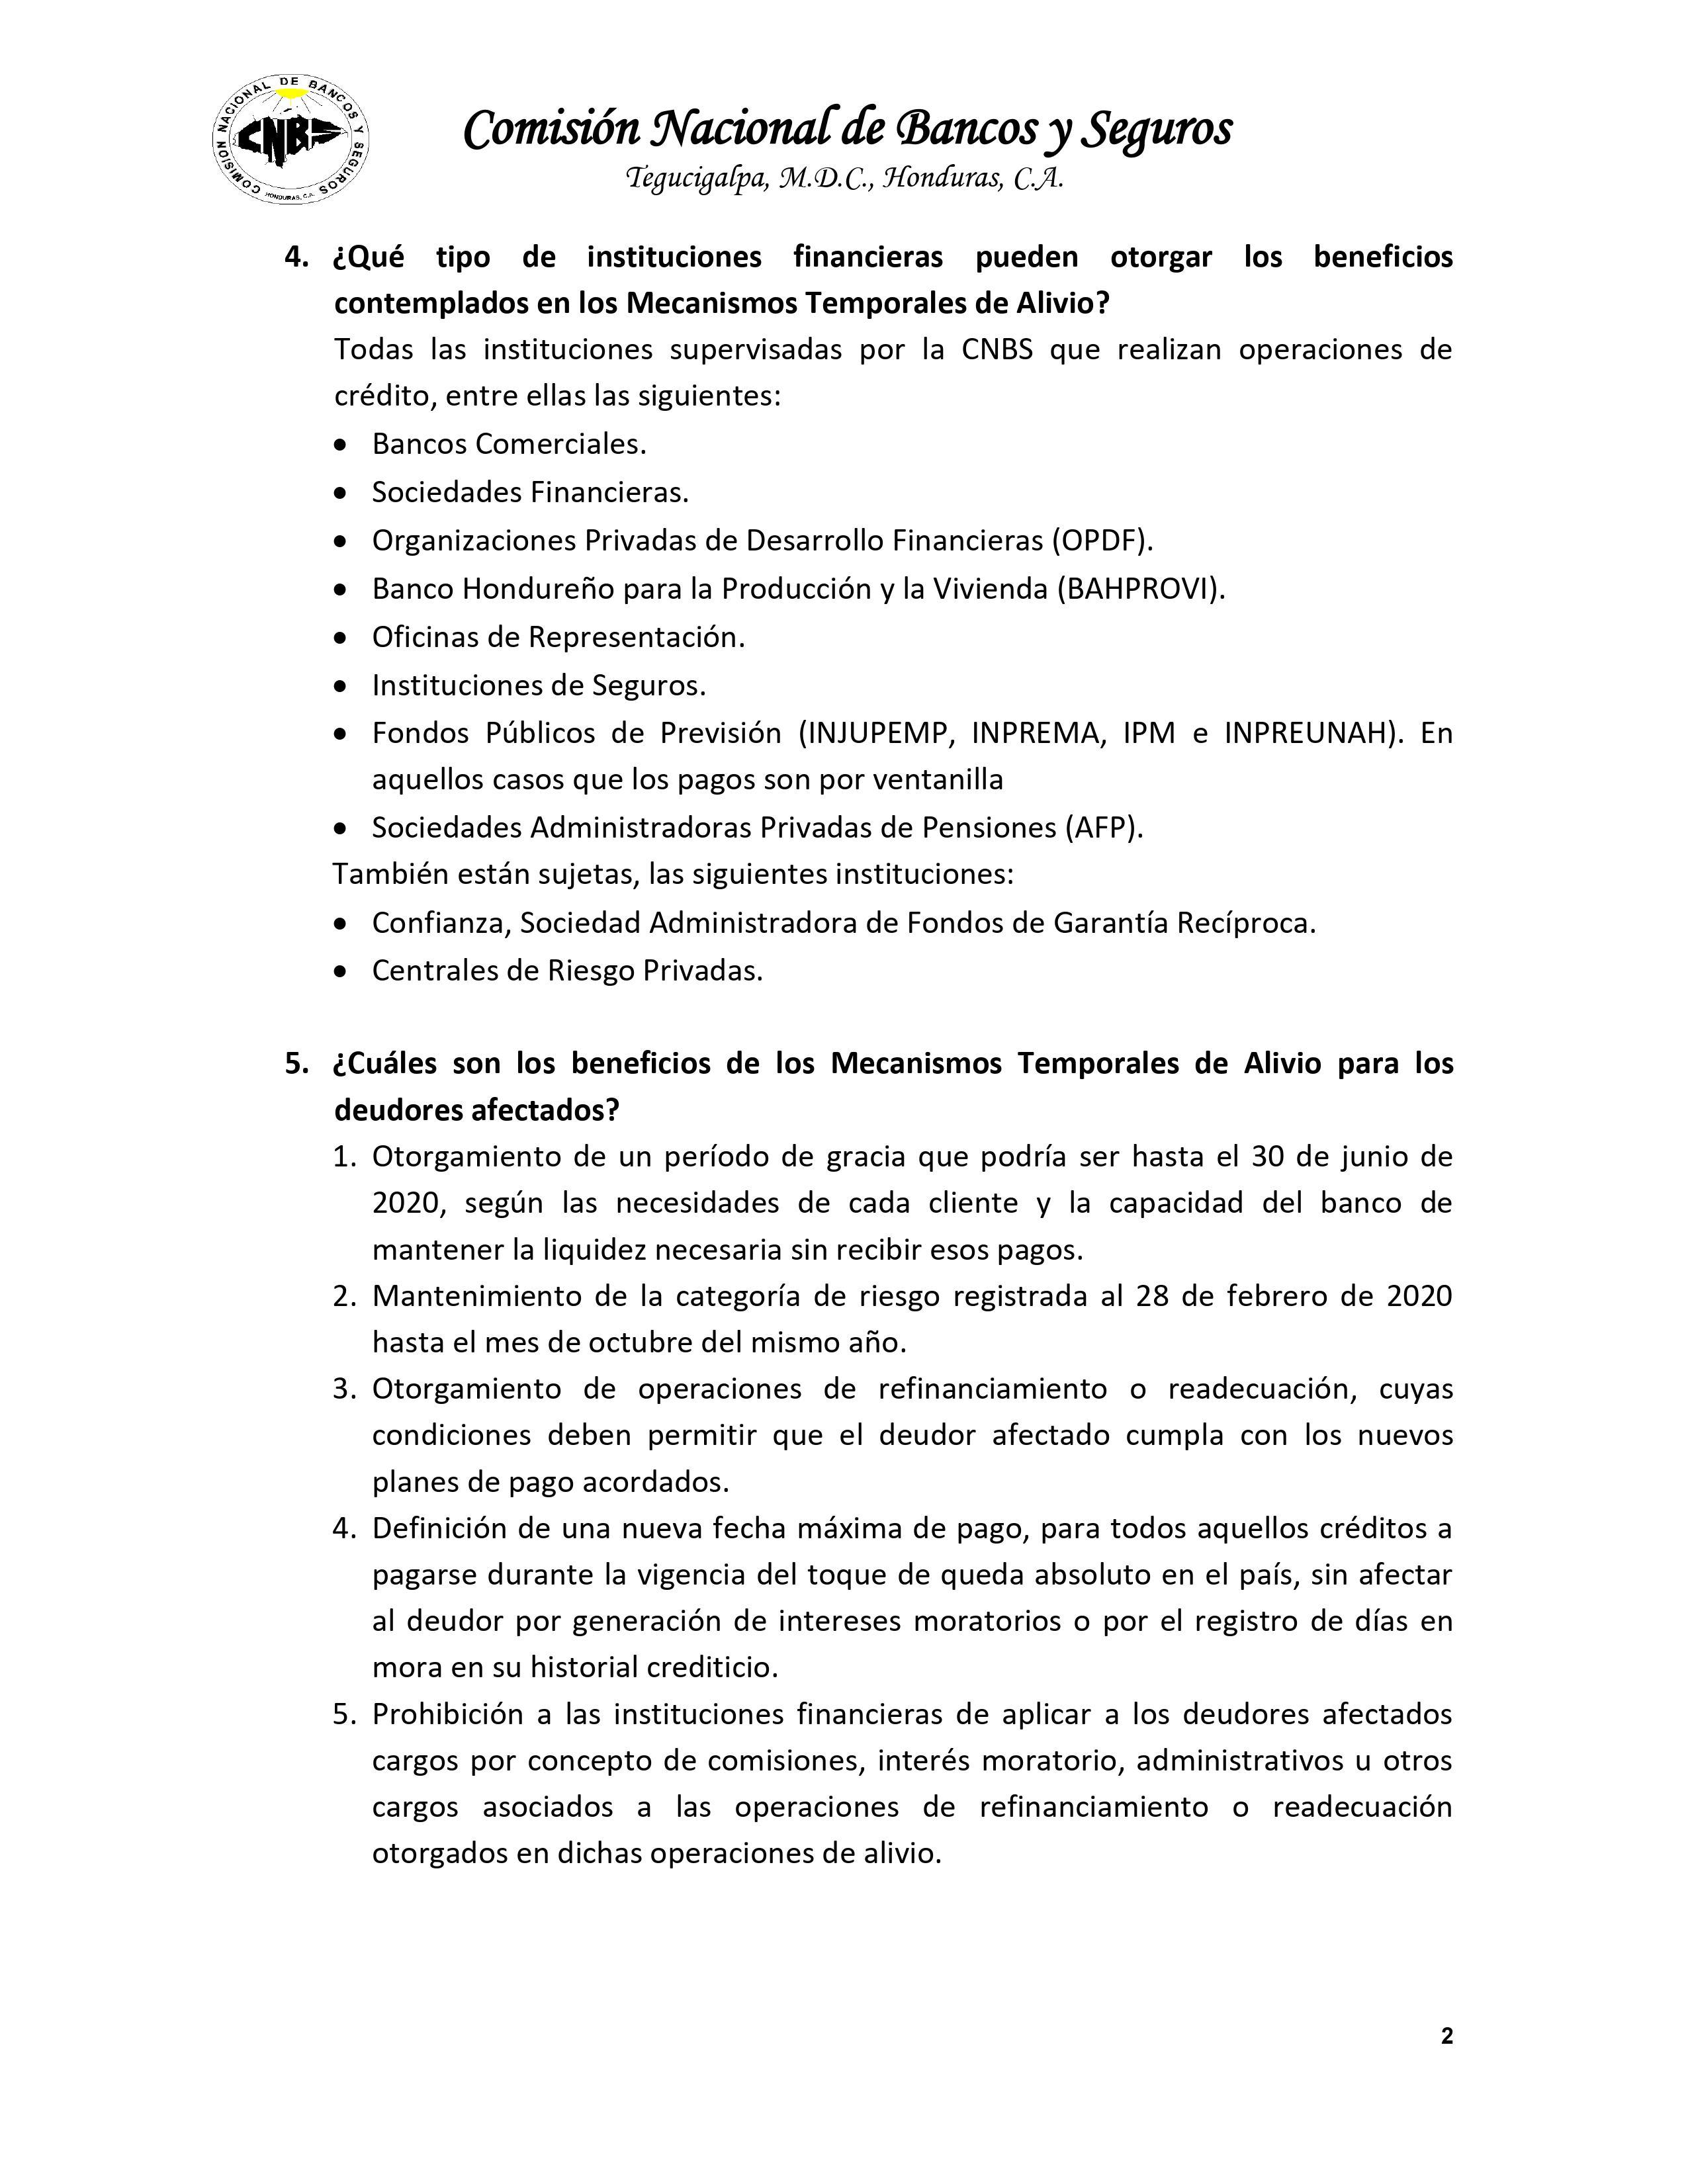 Plan de Alivio COVID19 CNBS Pagina 2 de 4